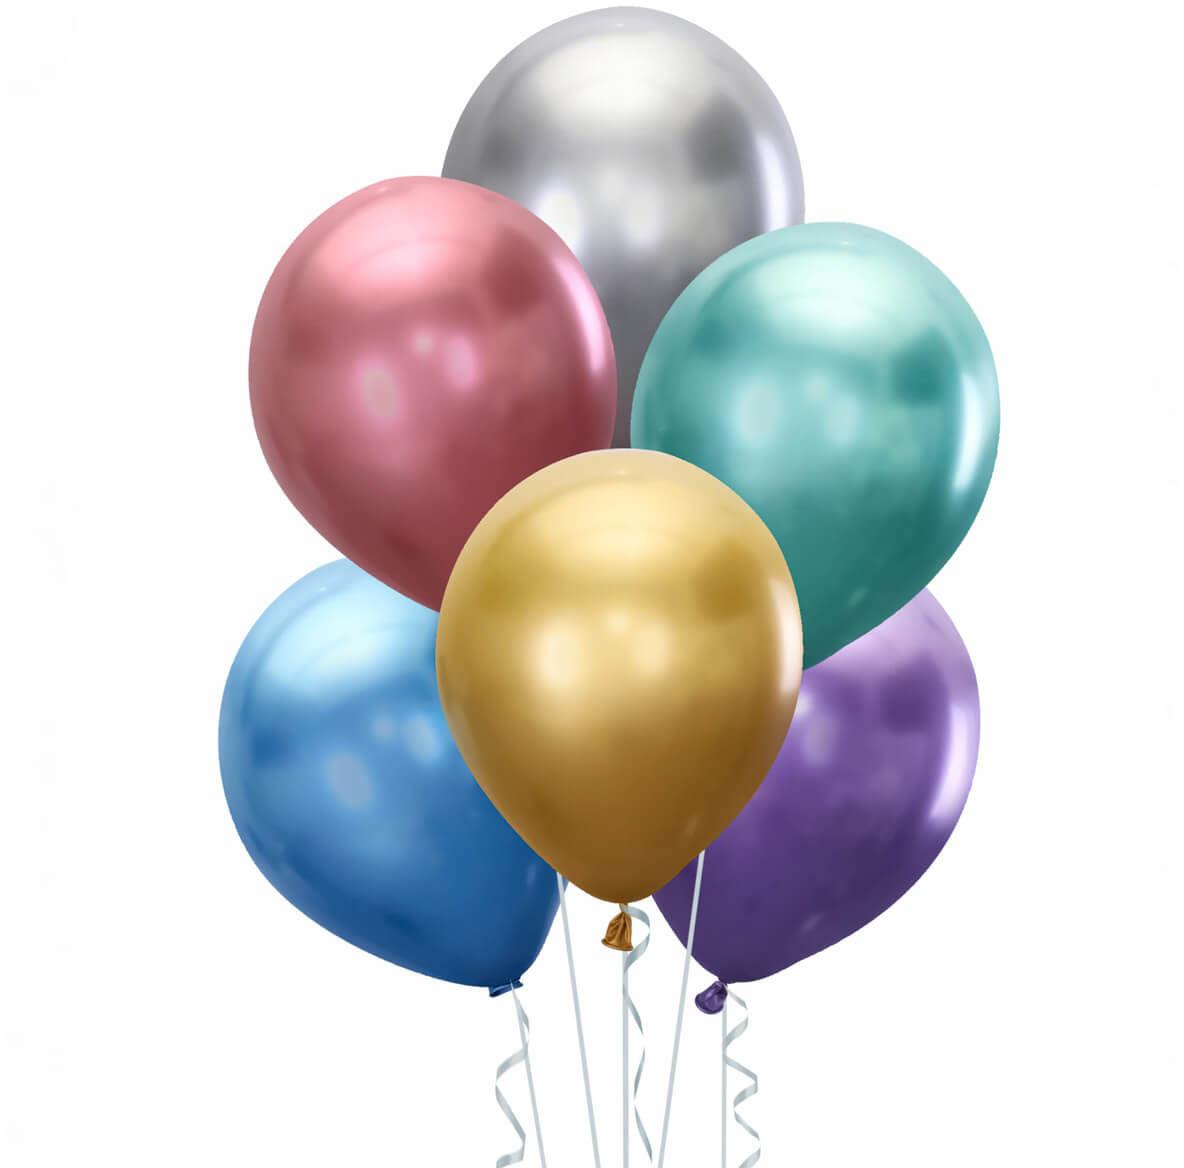 Zestaw balonów chromowanych mix kolorów - 30 cm - 5 szt.